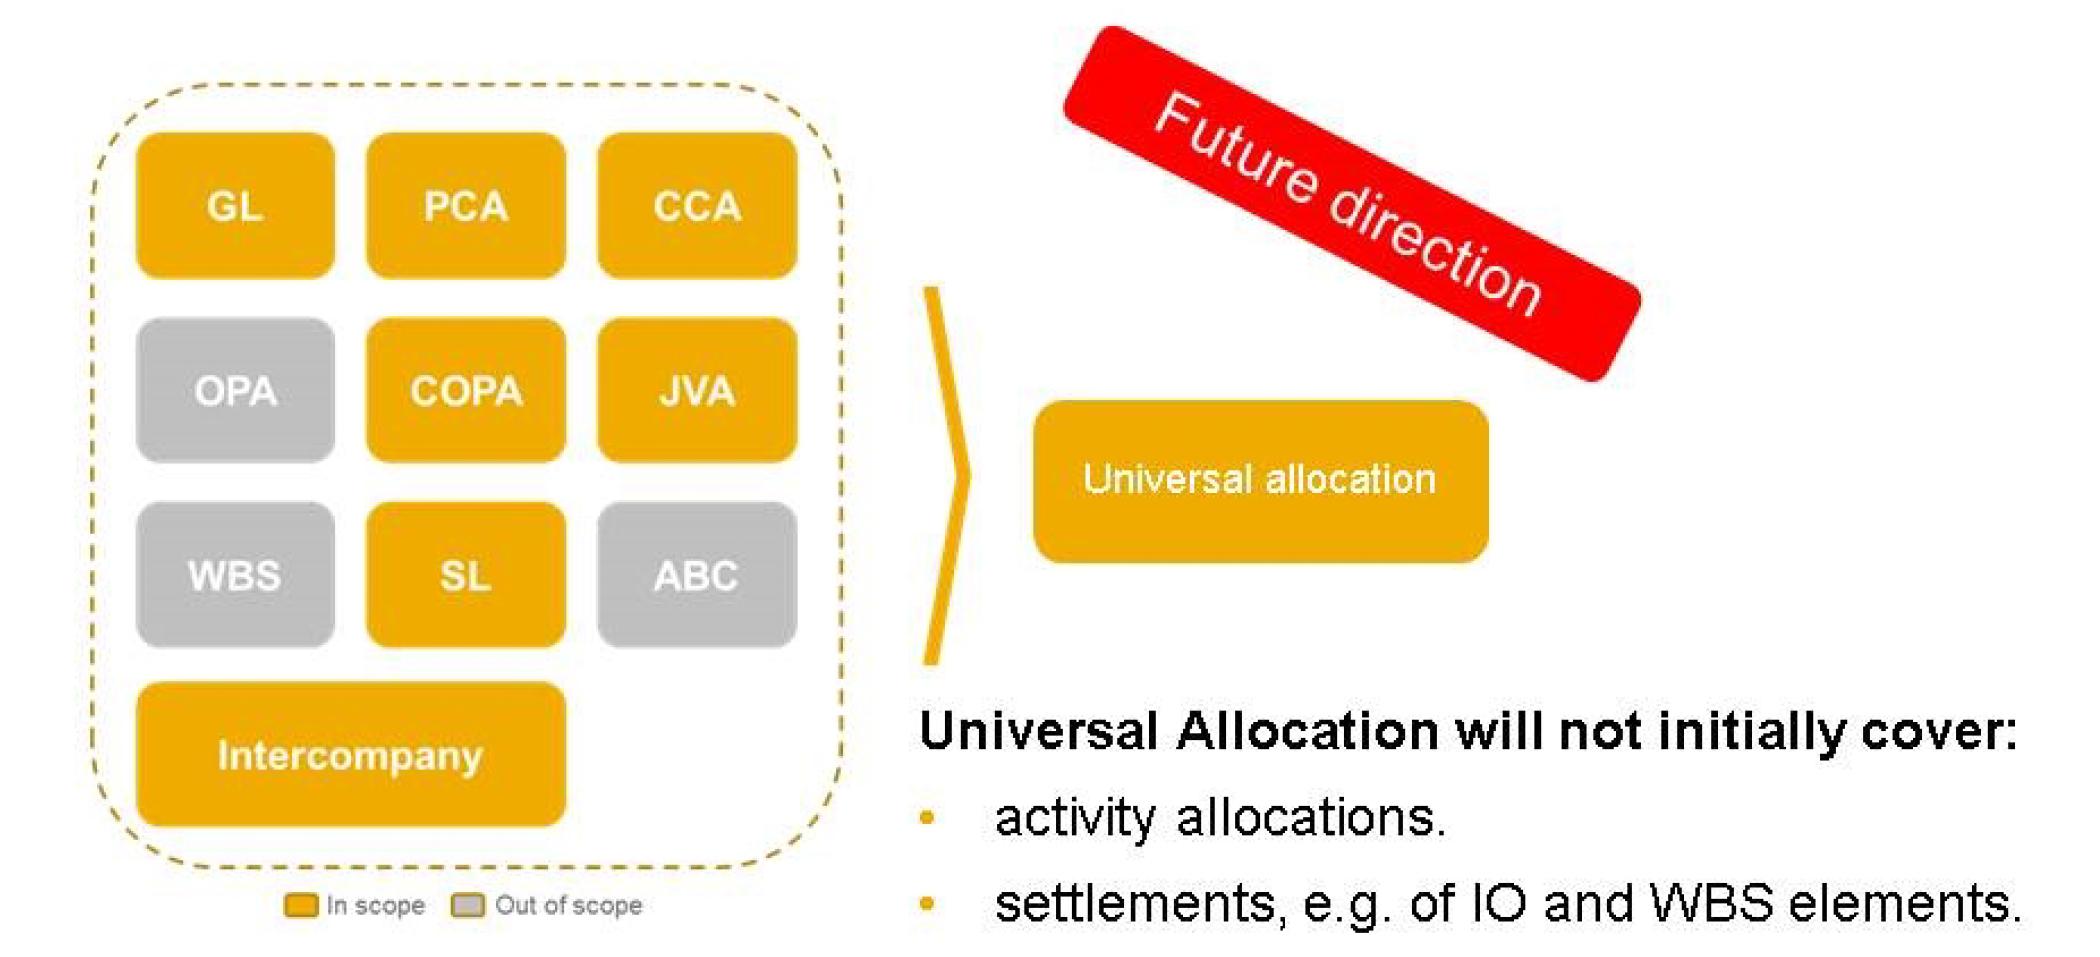 Universal Allocation